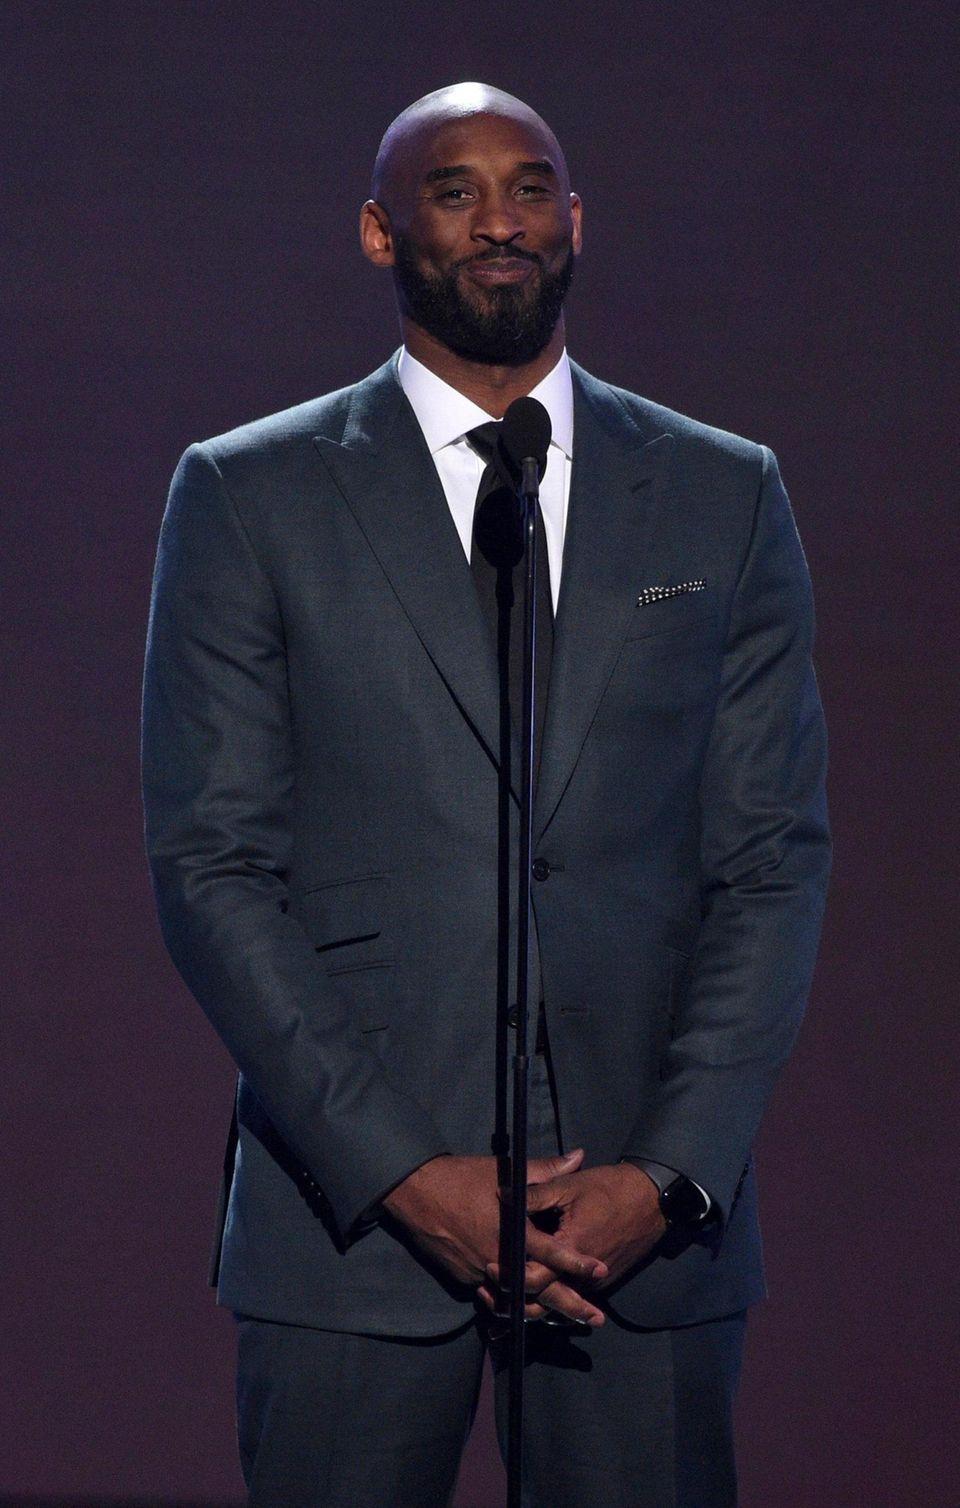 Kobe Bryant present the Arthur Ashe award for